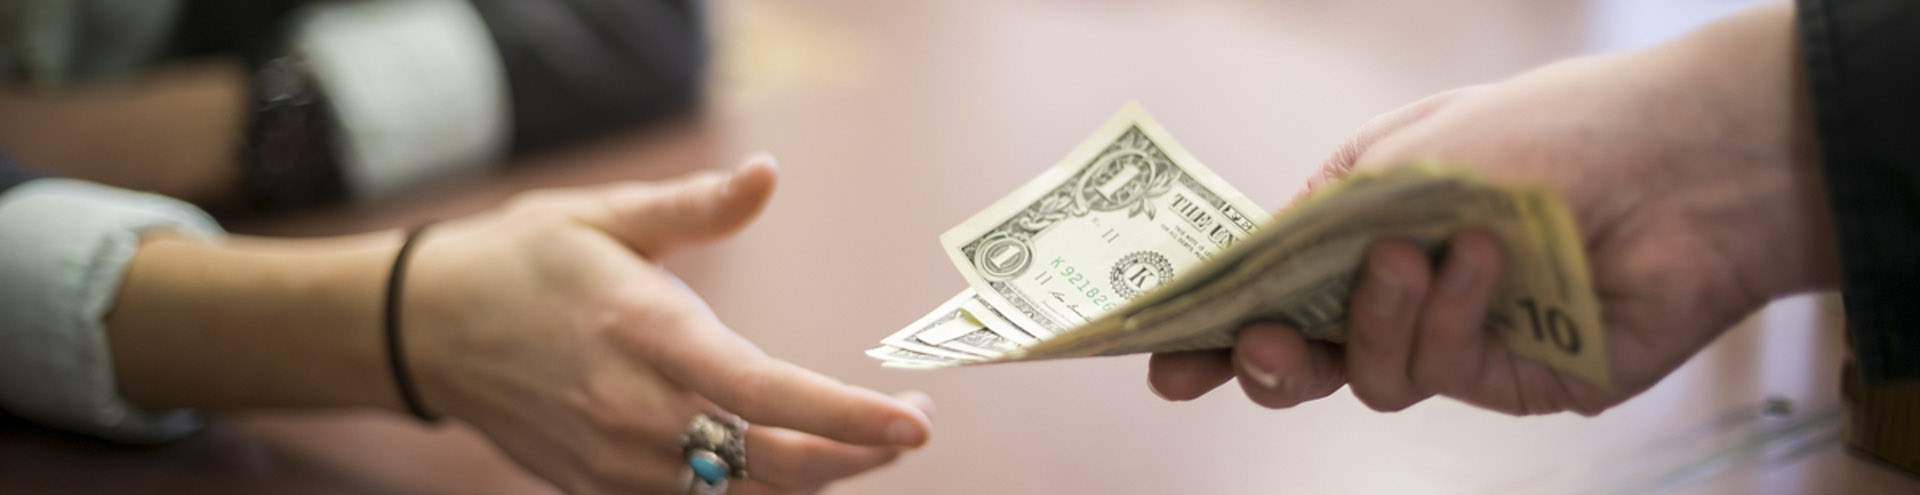 как на лайф брать деньги в долг